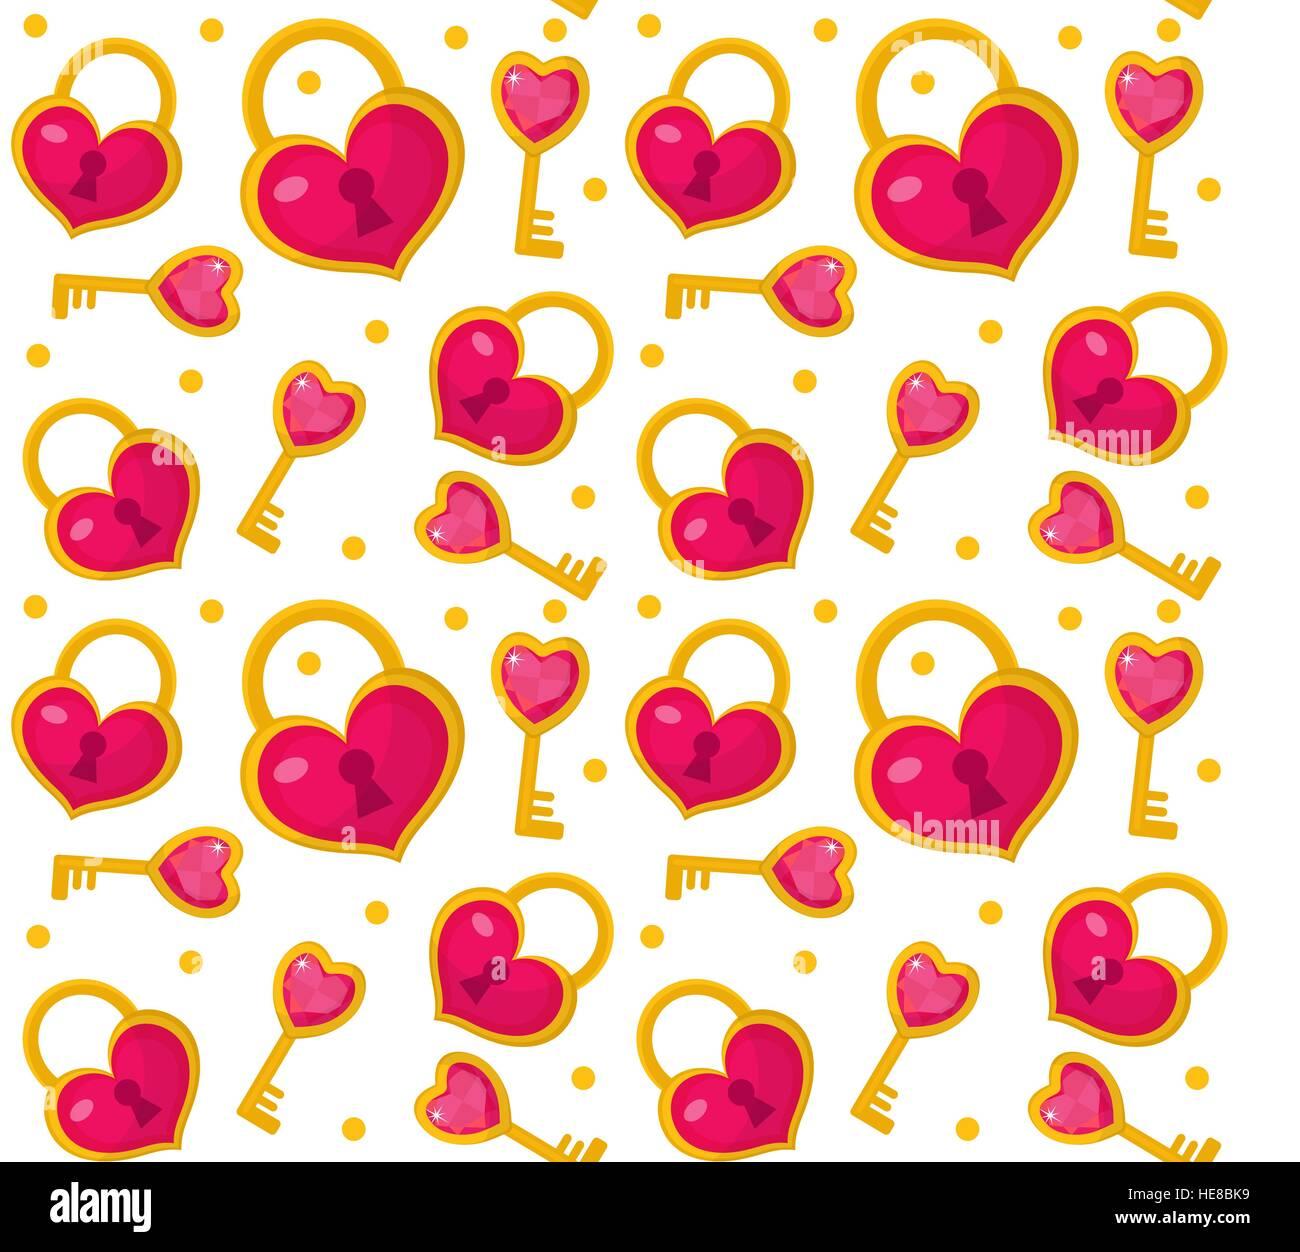 Romantische Schriftzug Wallpaper Mit Liebe Worte Und Herzen Vektor ...